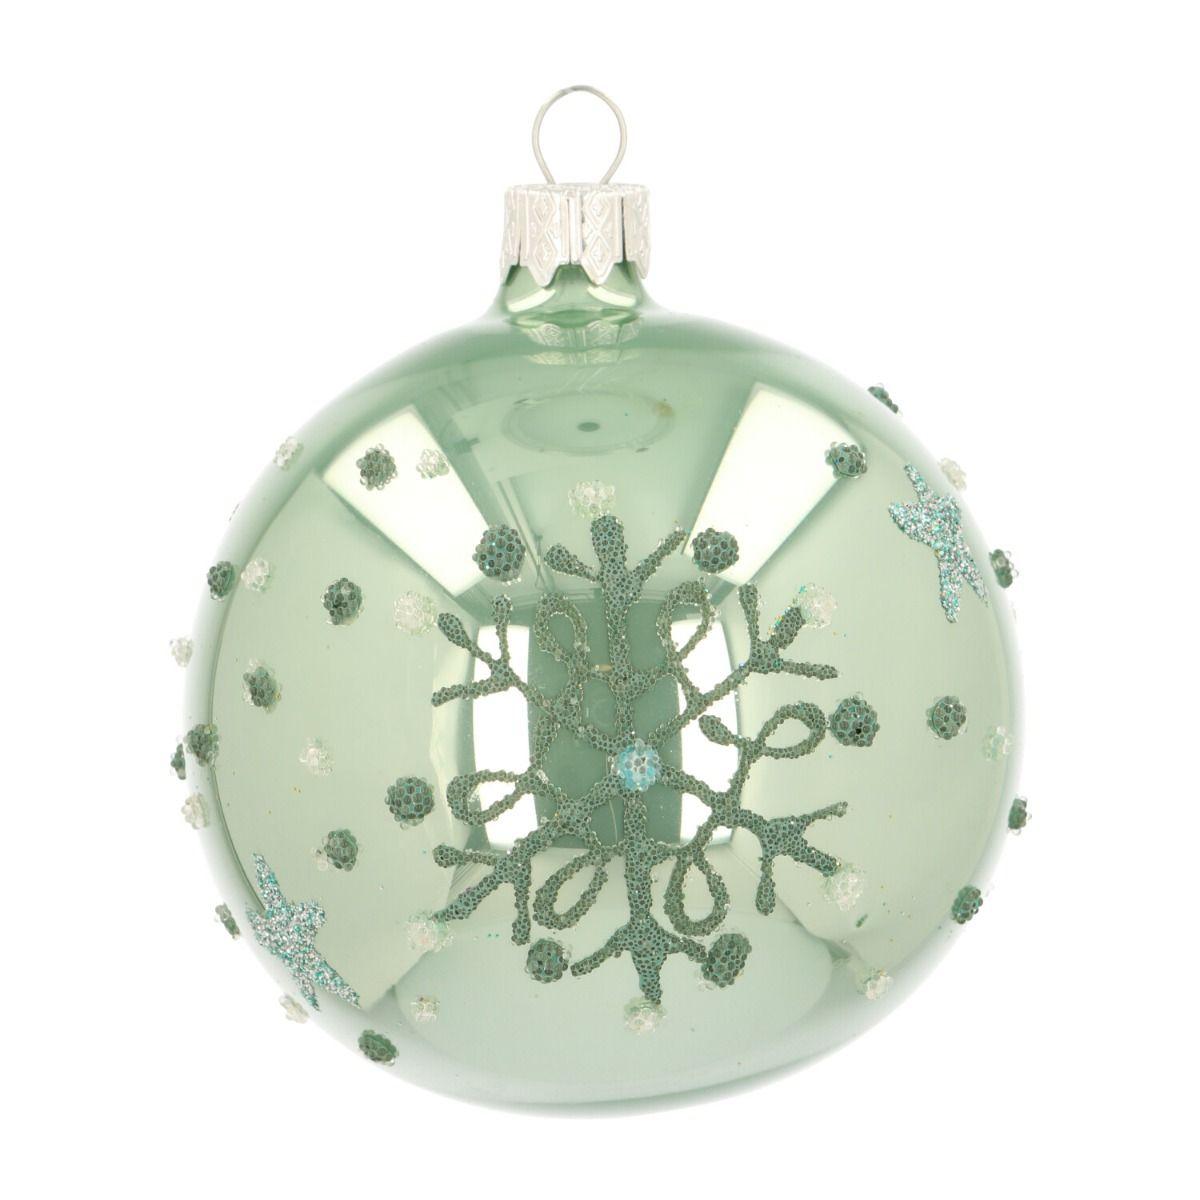 Bijzondere Glazen Kerstbal Zachtgroen Met Sneeuwvlok 8 Cm Sneeuwvlokken Decoratie Kerstversiering